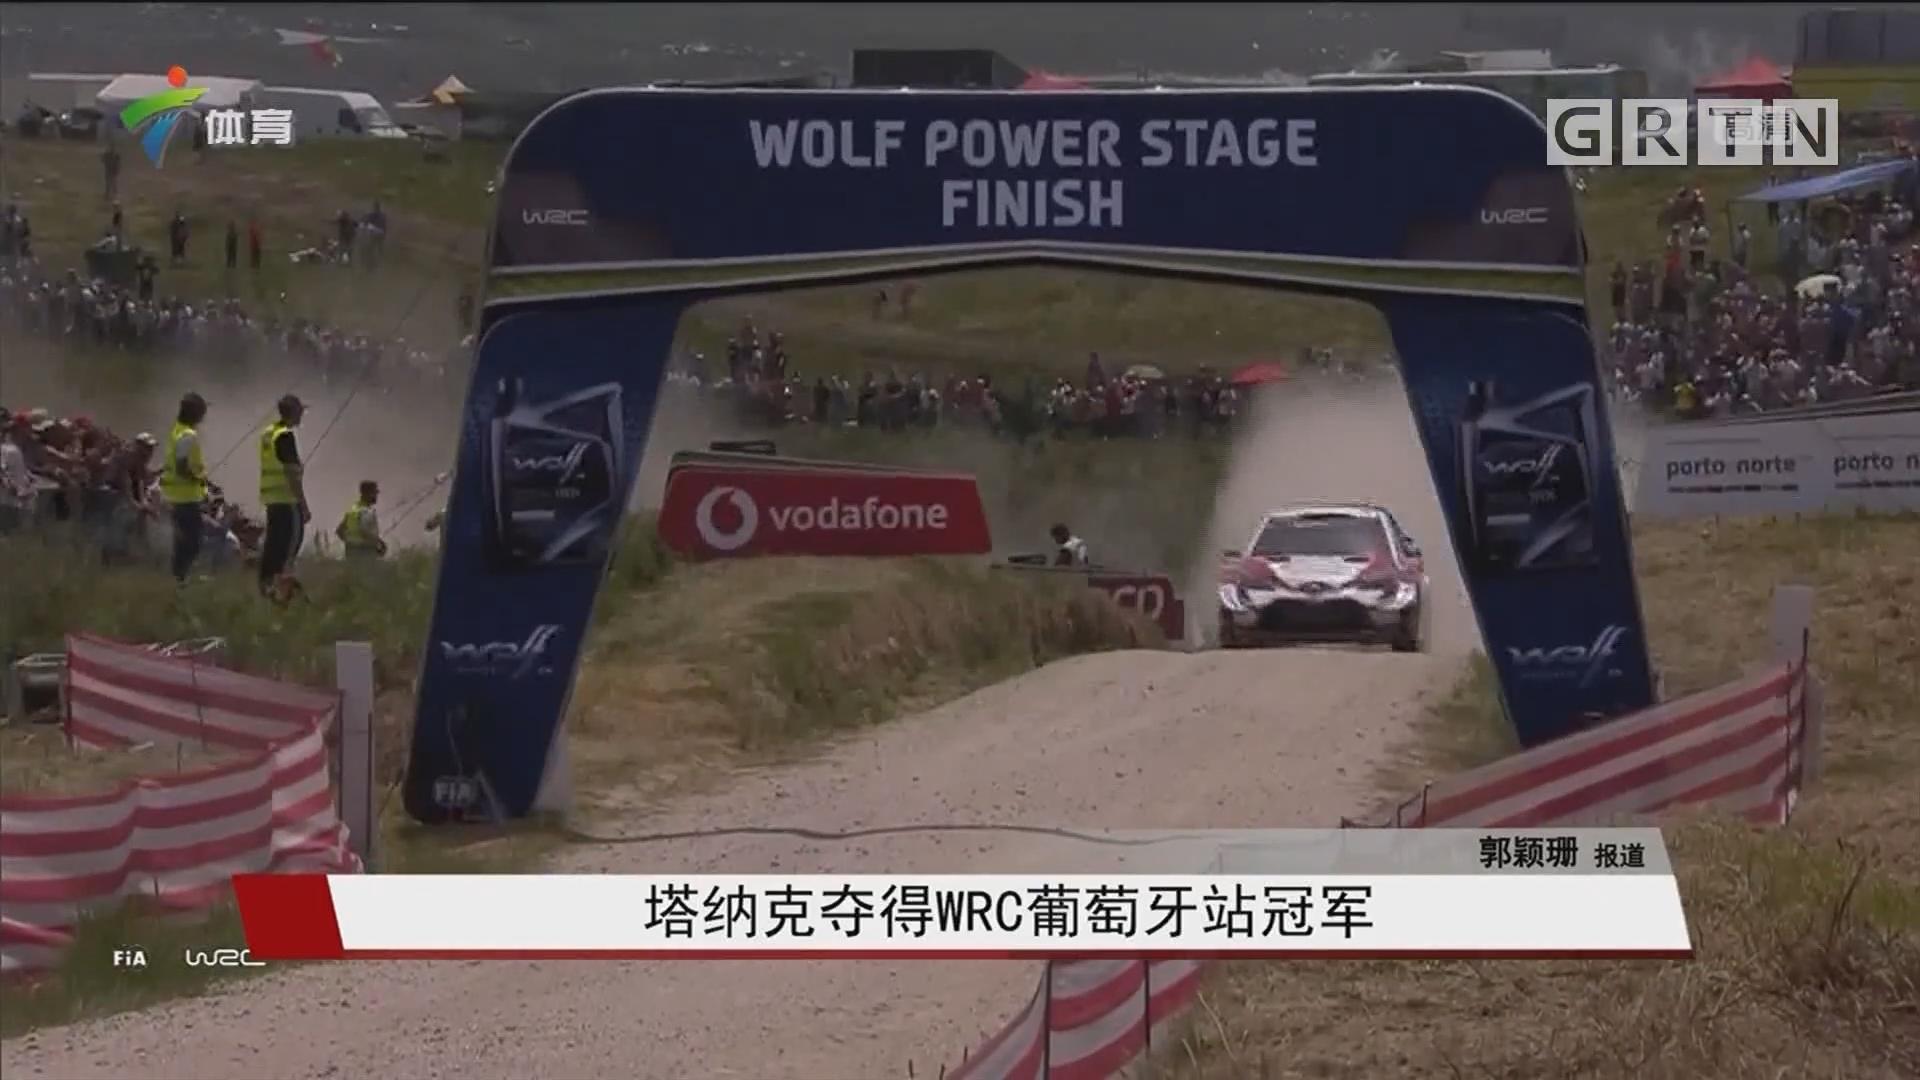 塔纳克夺得WRC葡萄牙站冠军